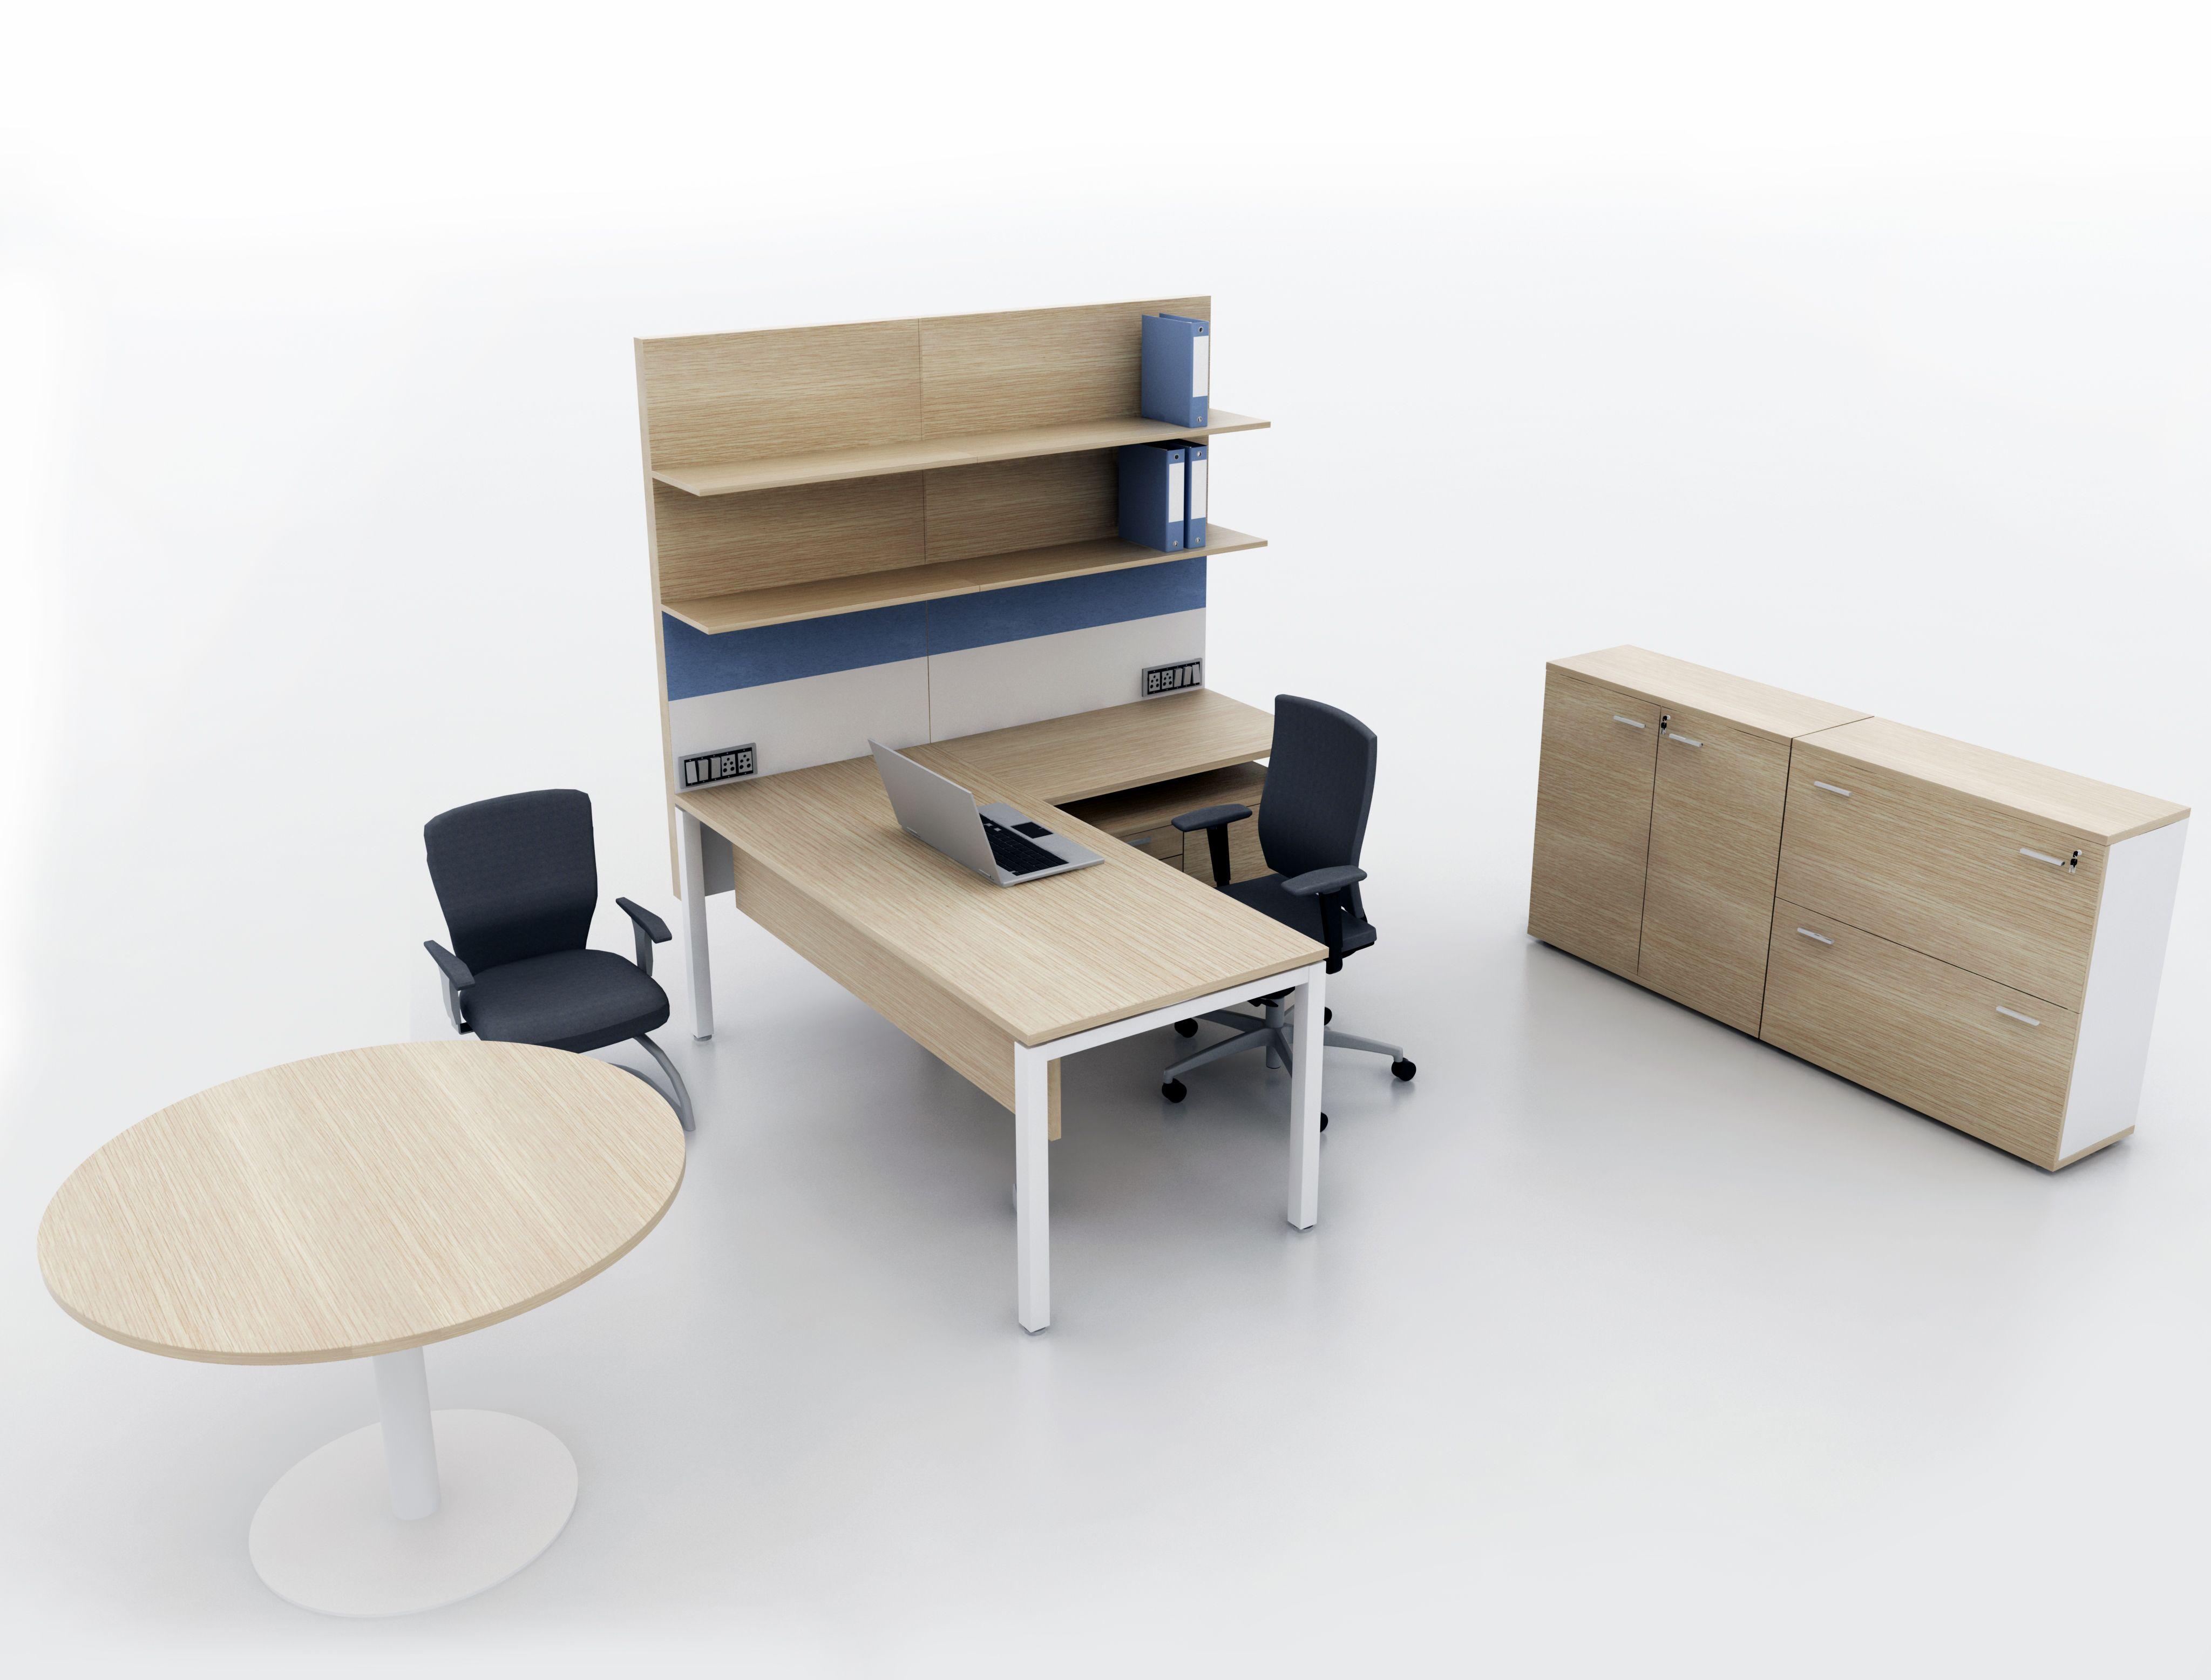 2016 Workspace At Index Exhibitor Bizkit Furniture Manufacturing Llc Stand No Z A91 Www Bizk Furniture Beautiful Furniture Pieces Contemporary Furniture